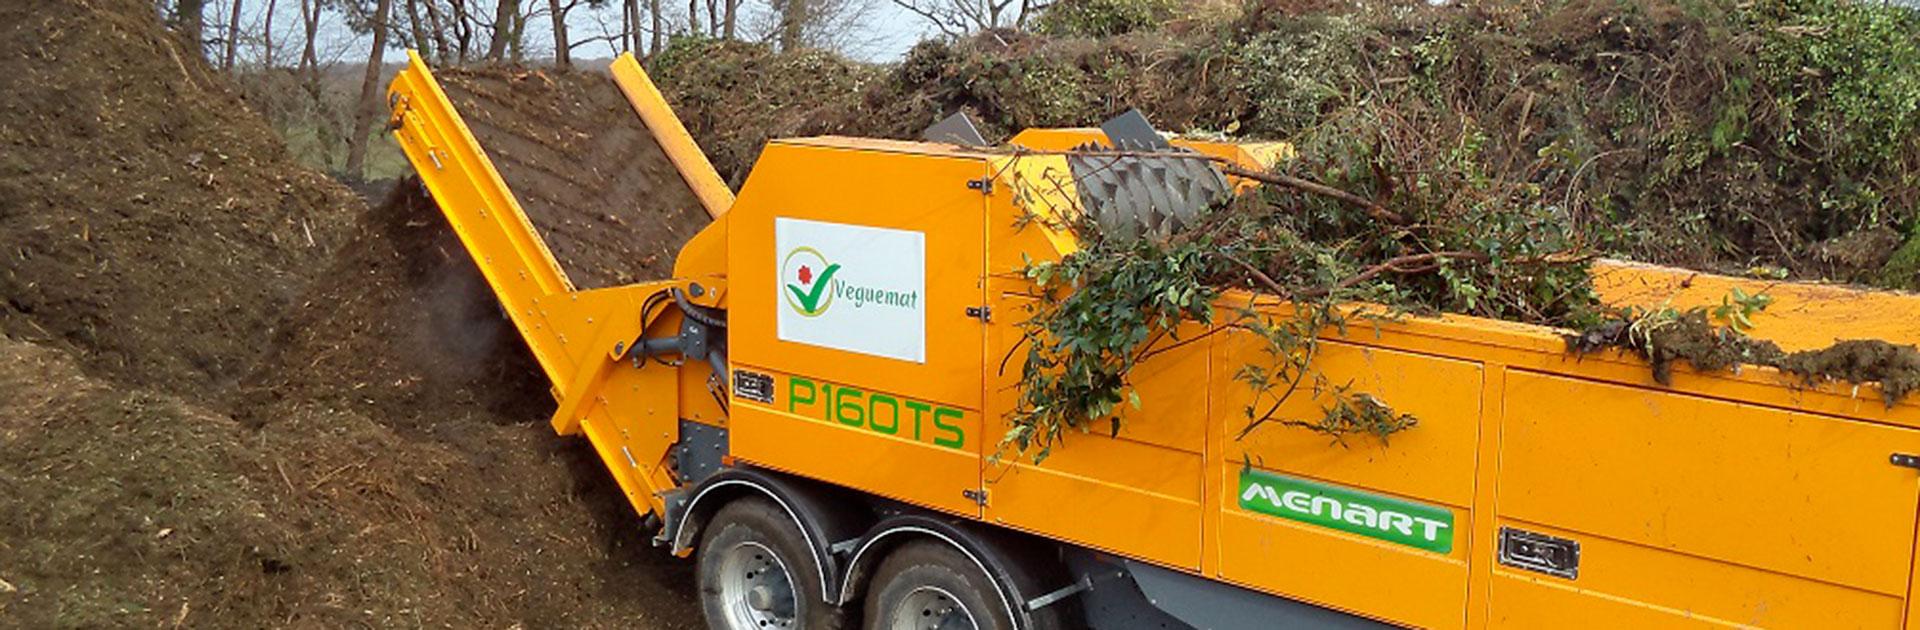 VEGUEMAT - Démonstrations de matériel - Broyeur agricole Ménart en action...